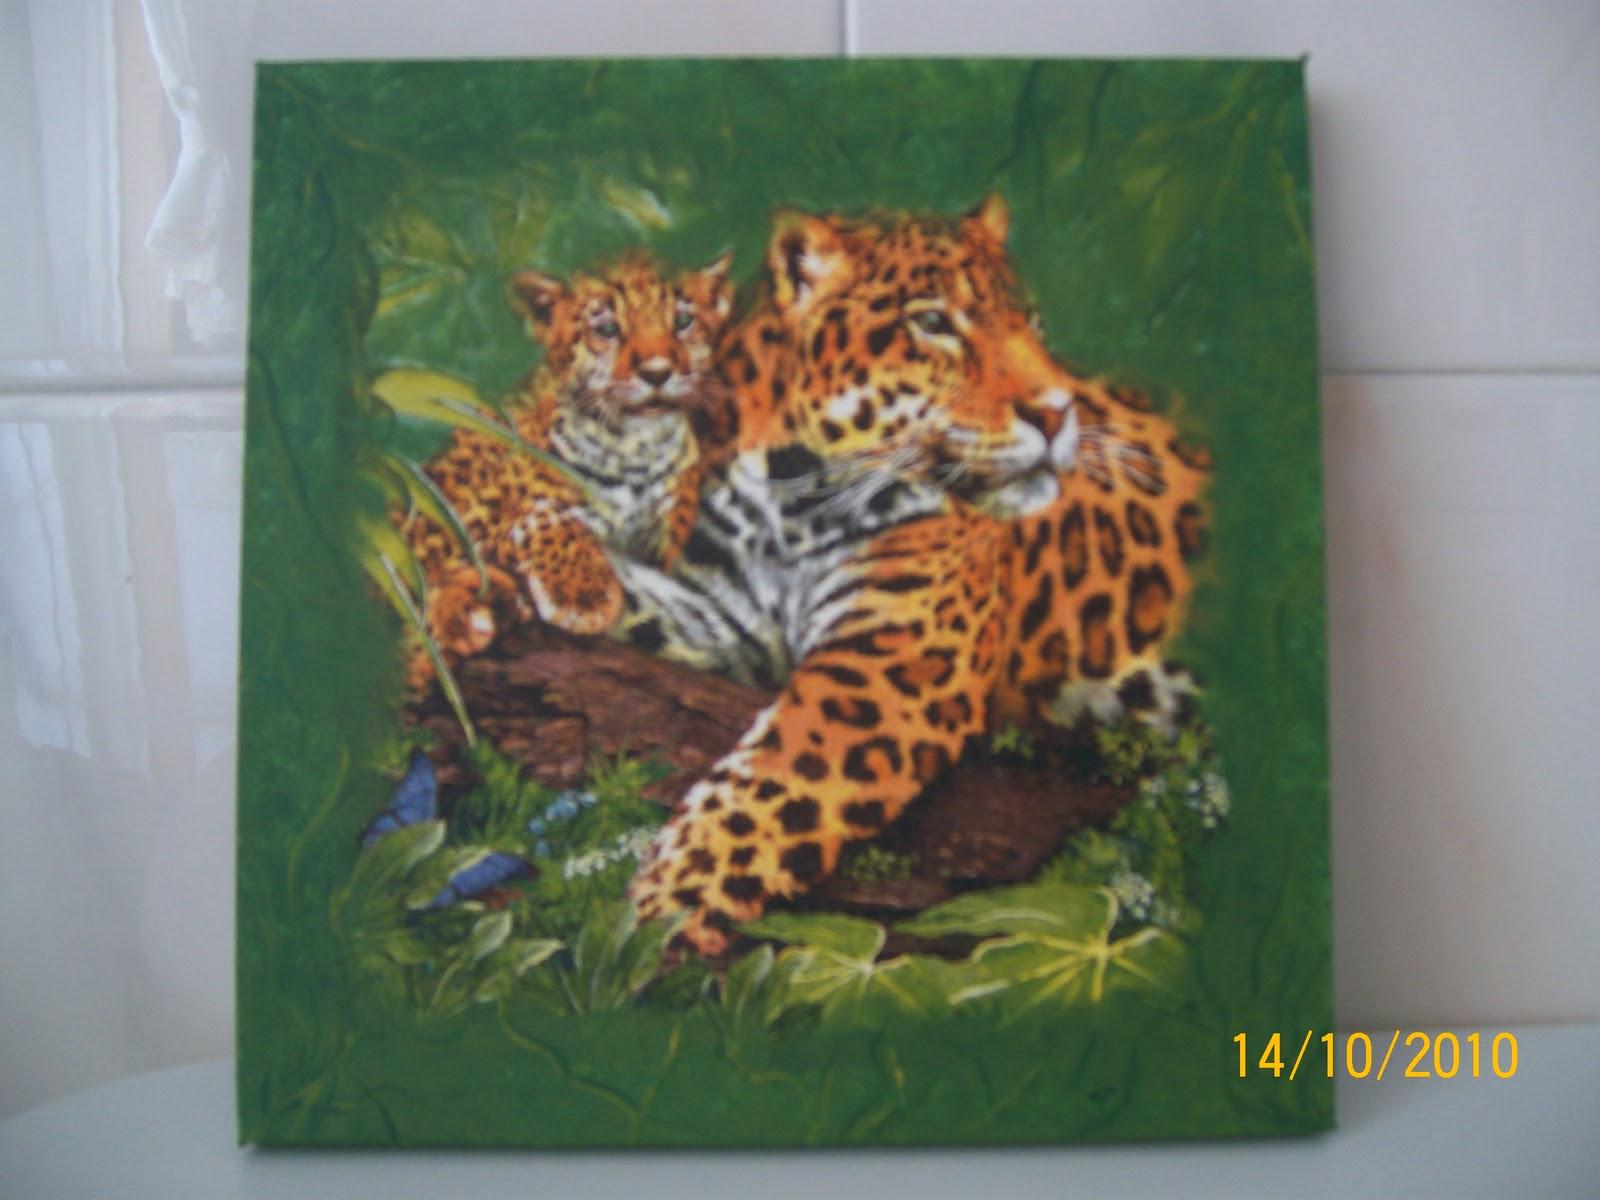 juego de tigres y leones: